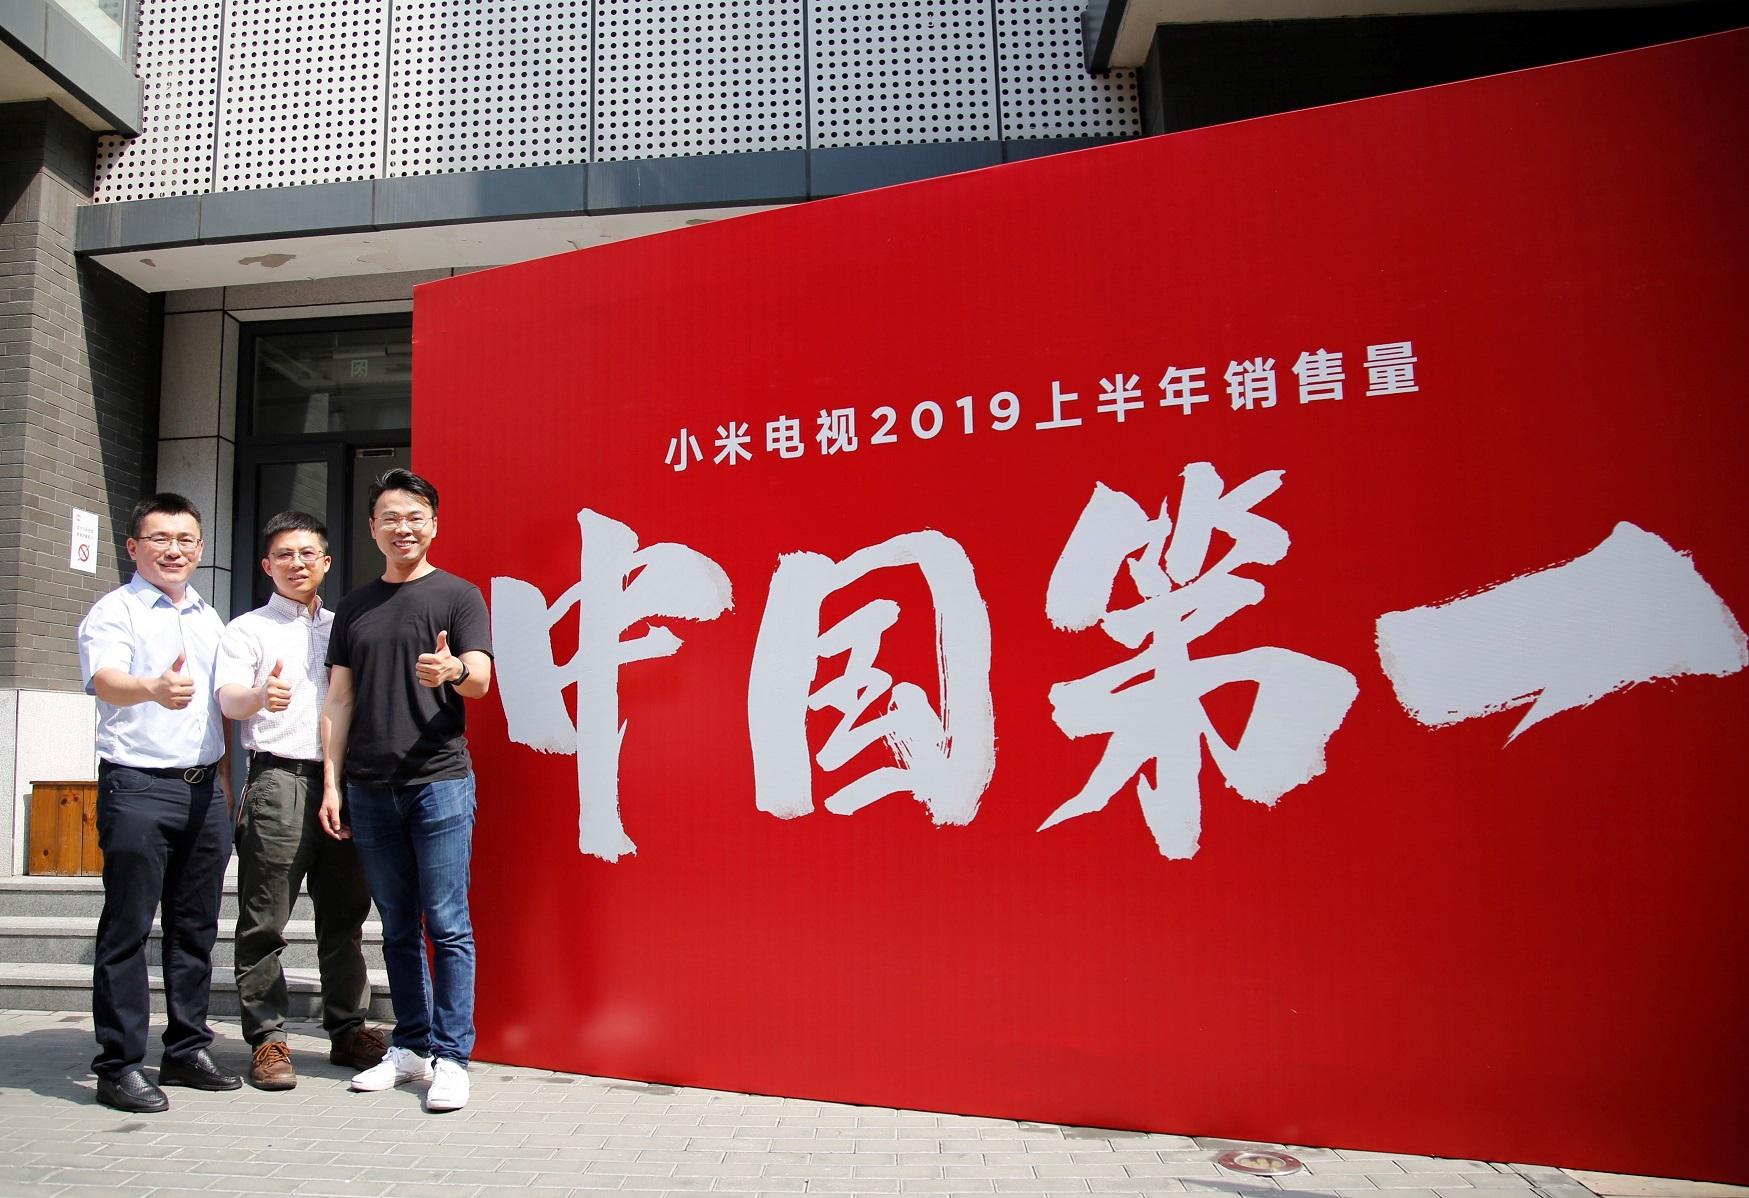 小米电视2019上半年销量中国第一,创中国记录